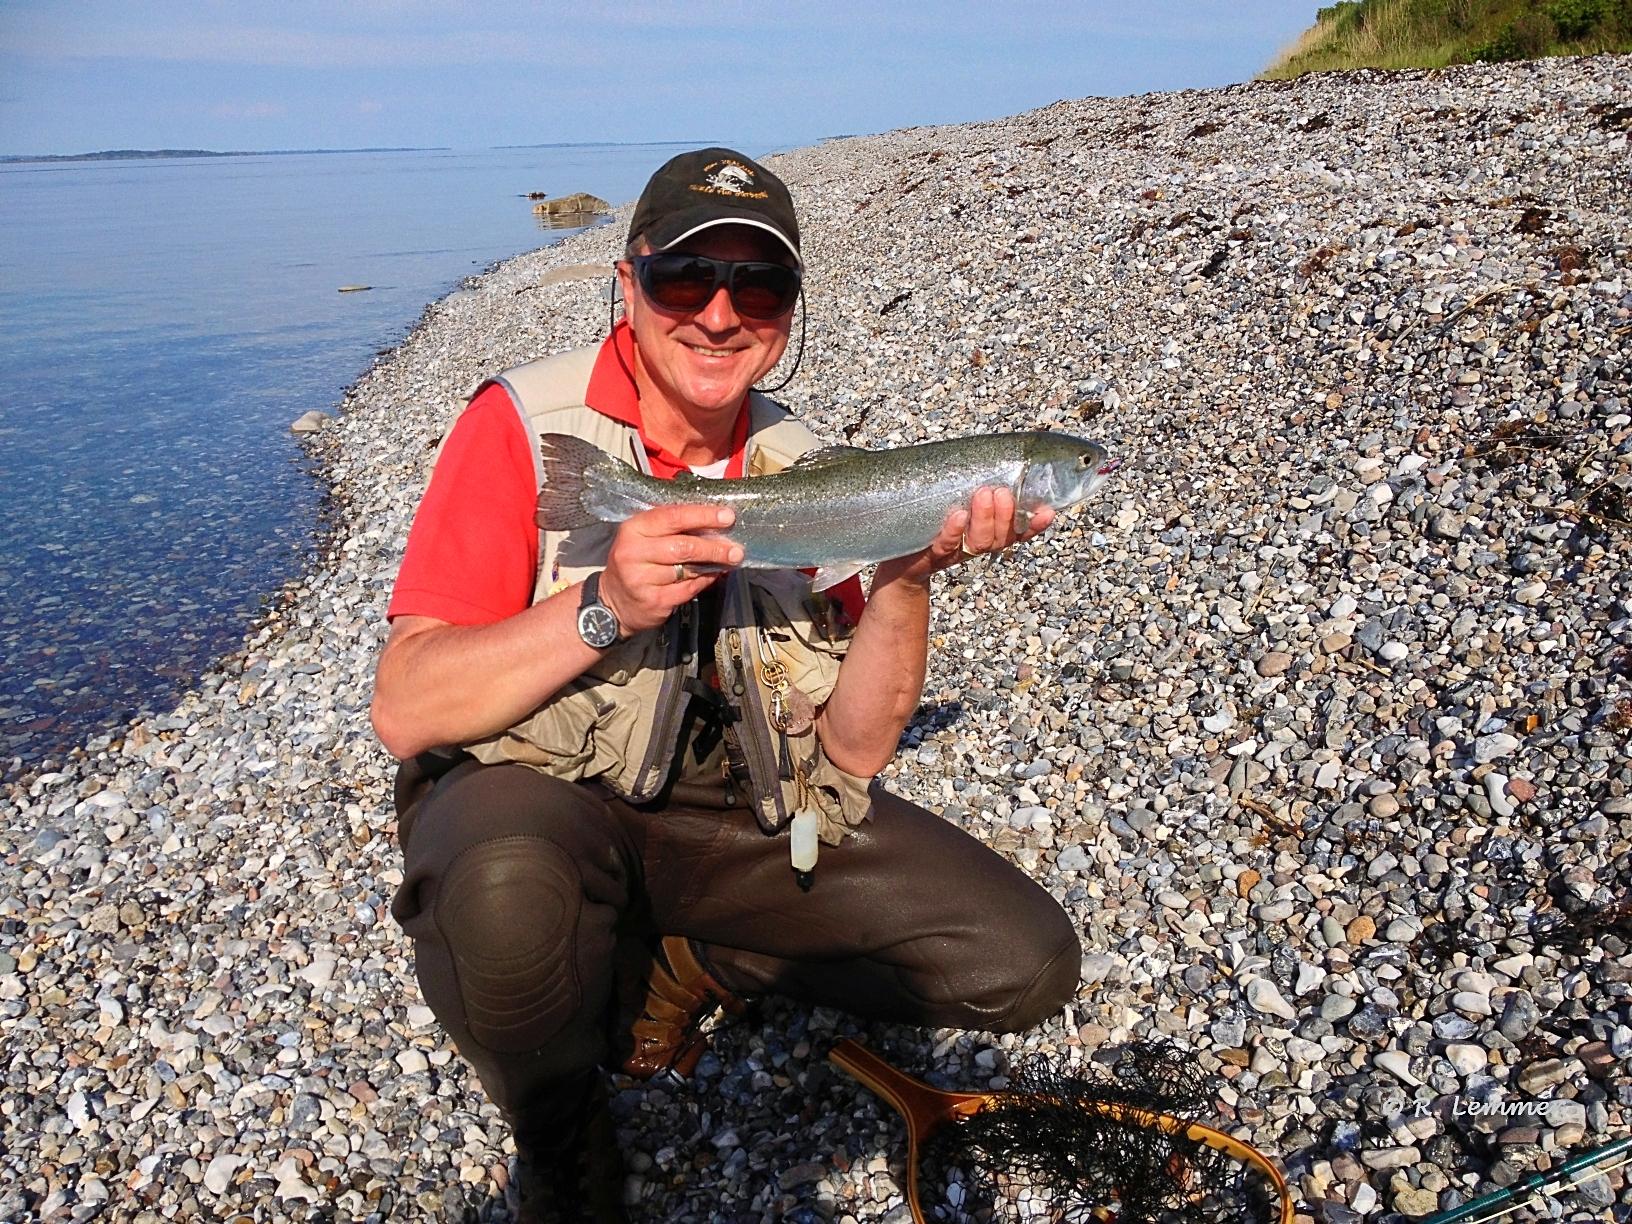 55 cm Meerforelle auf Aero in Dänemark gefangen